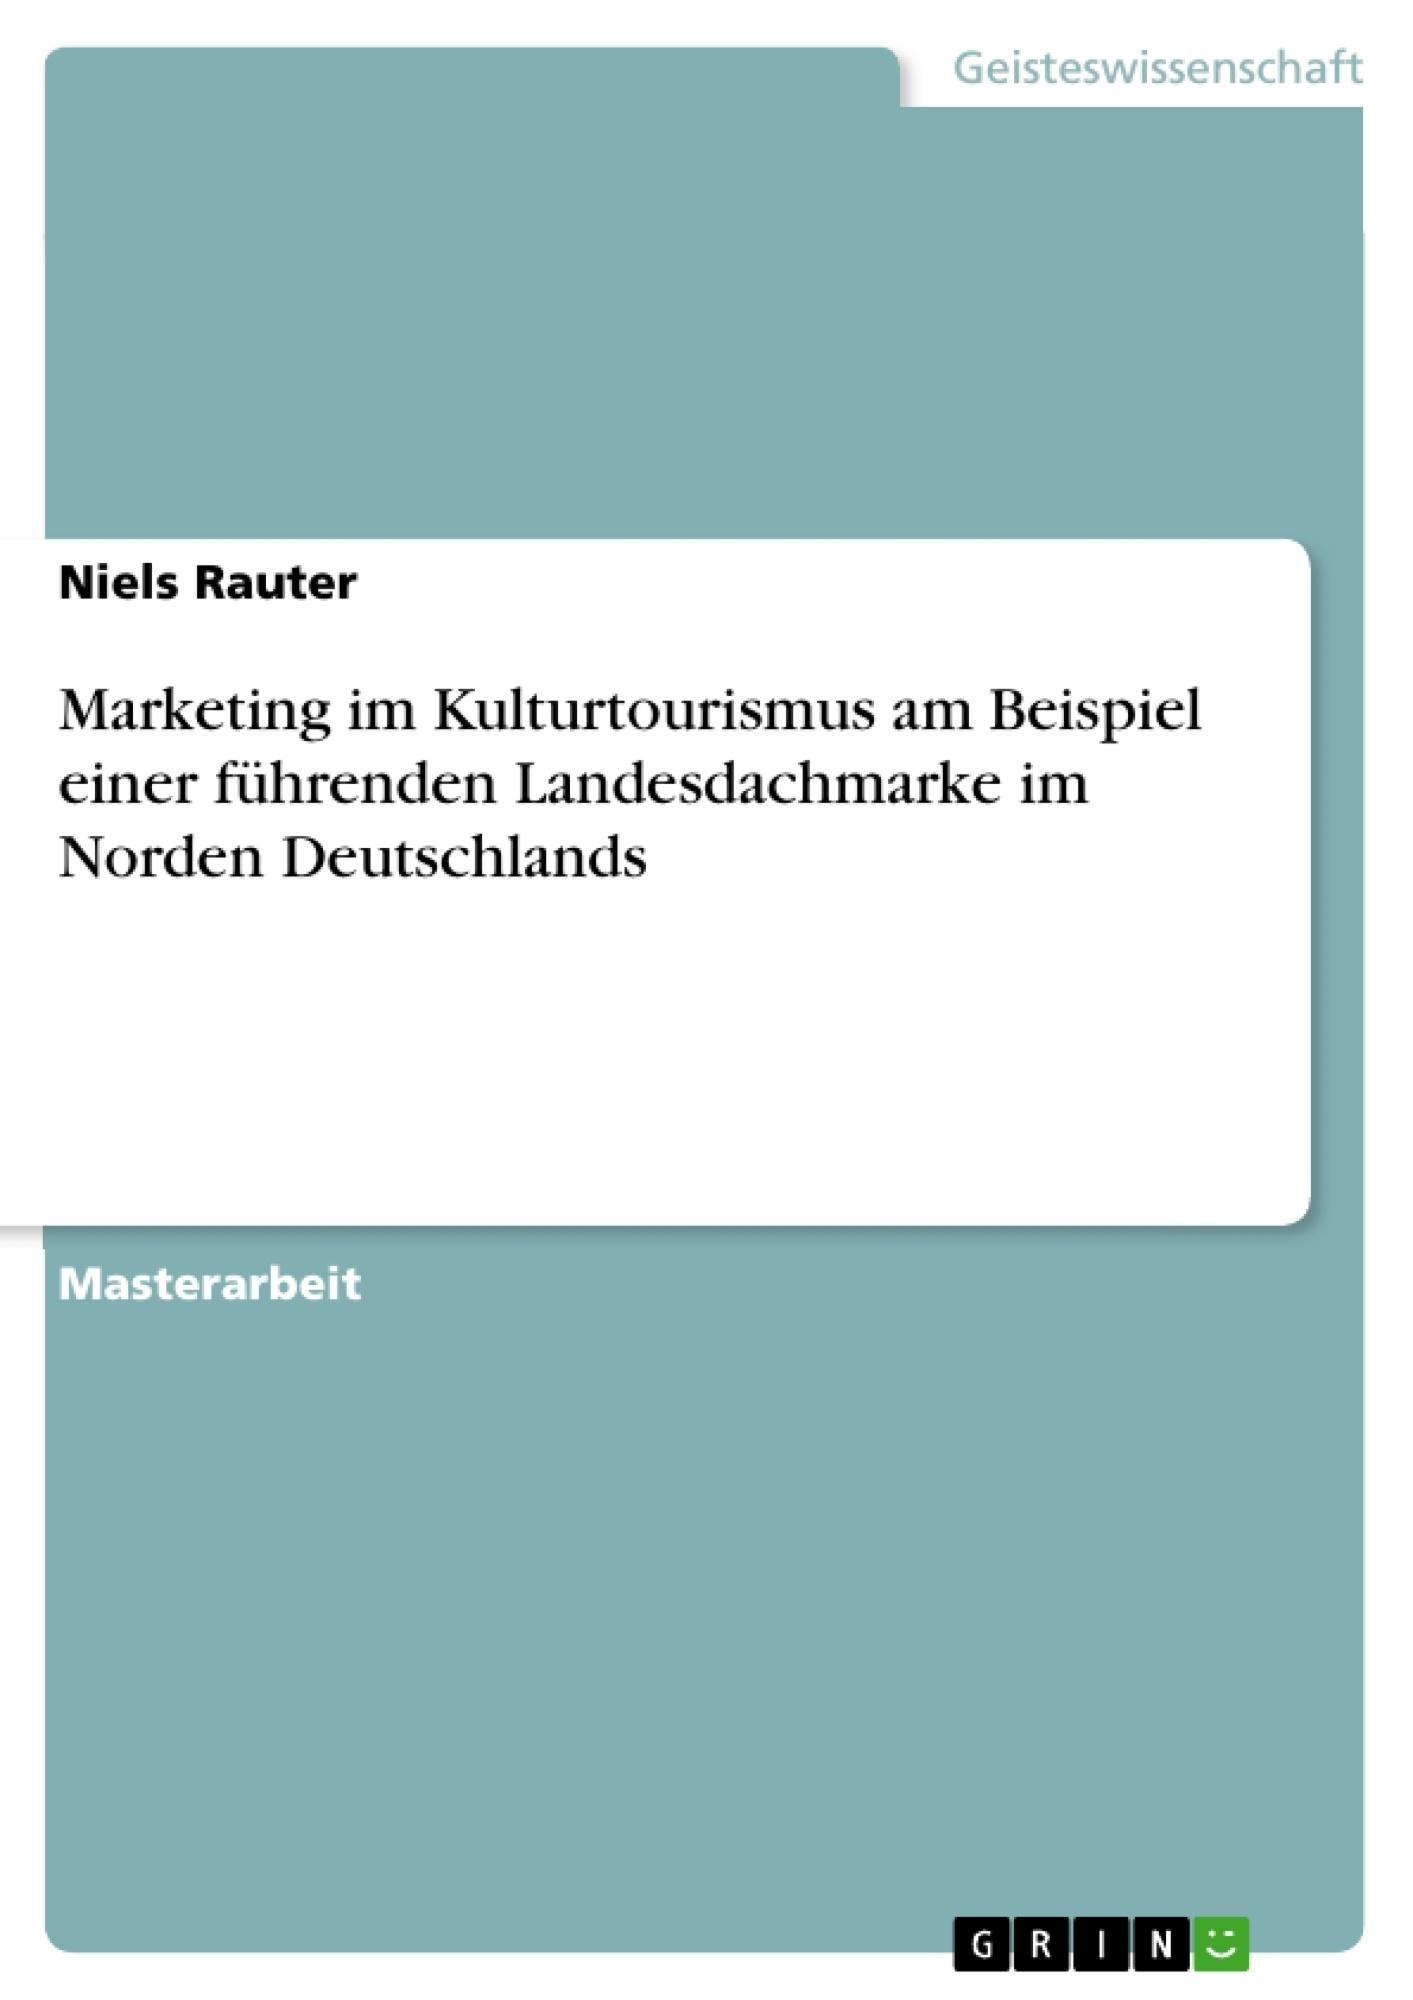 Titel: Marketing im Kulturtourismus am Beispiel einer führenden Landesdachmarke im Norden Deutschlands